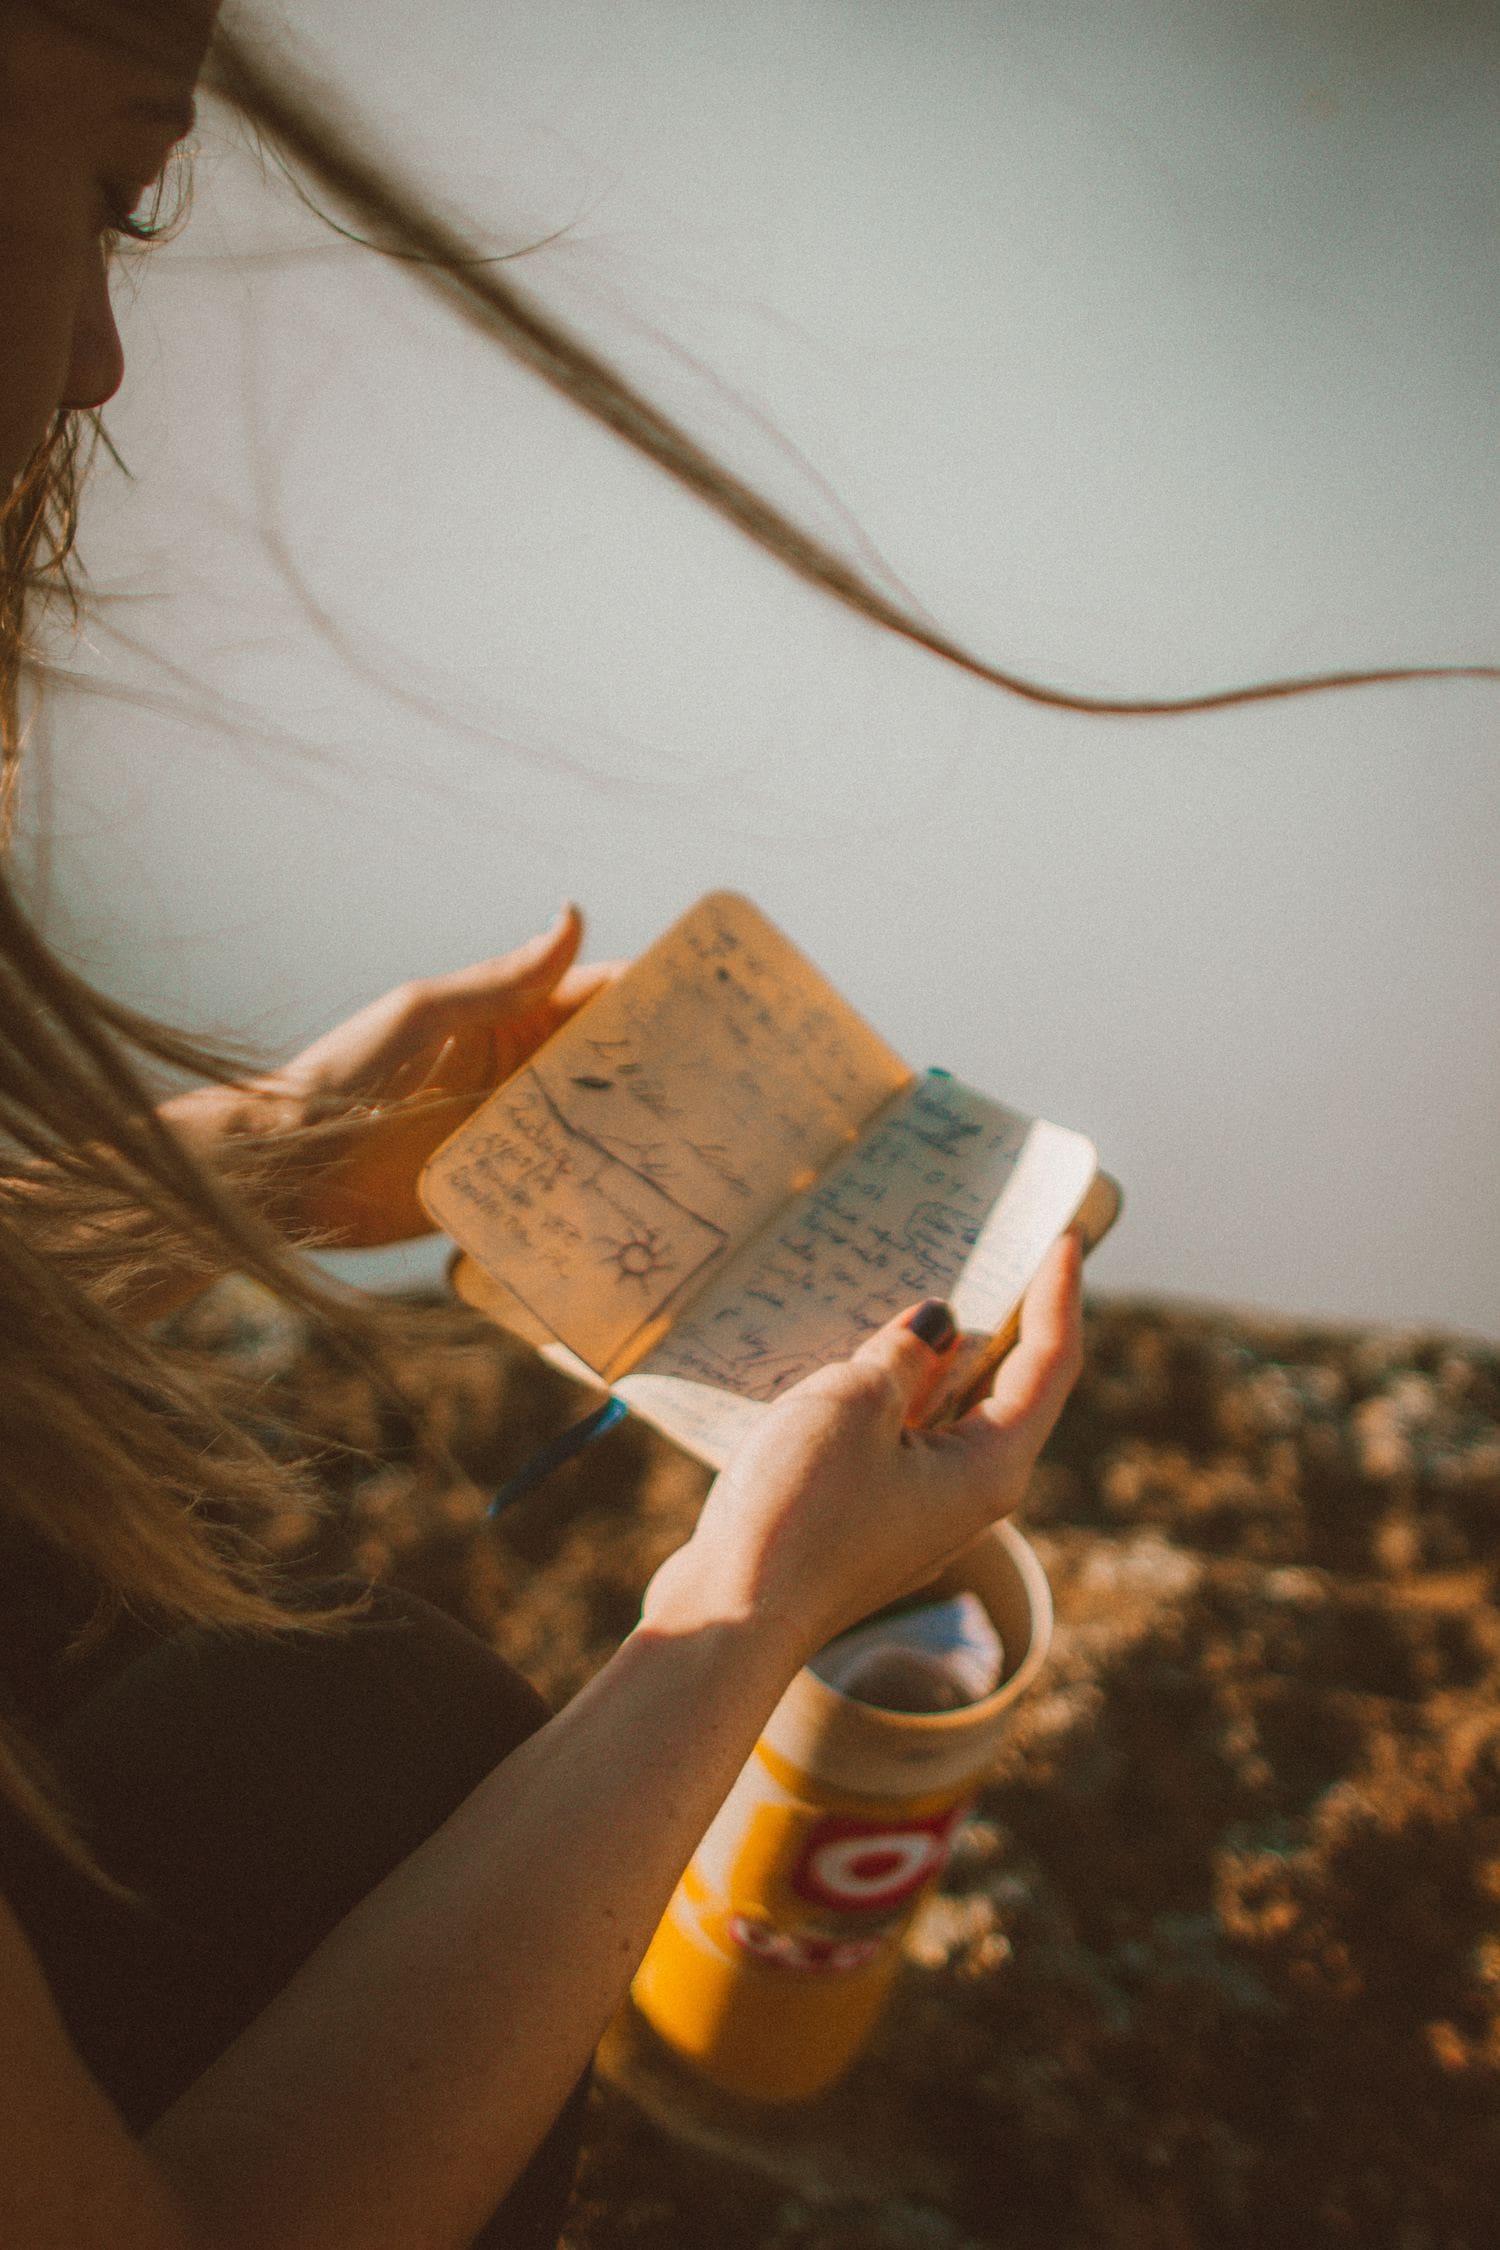 una jóven leyendo